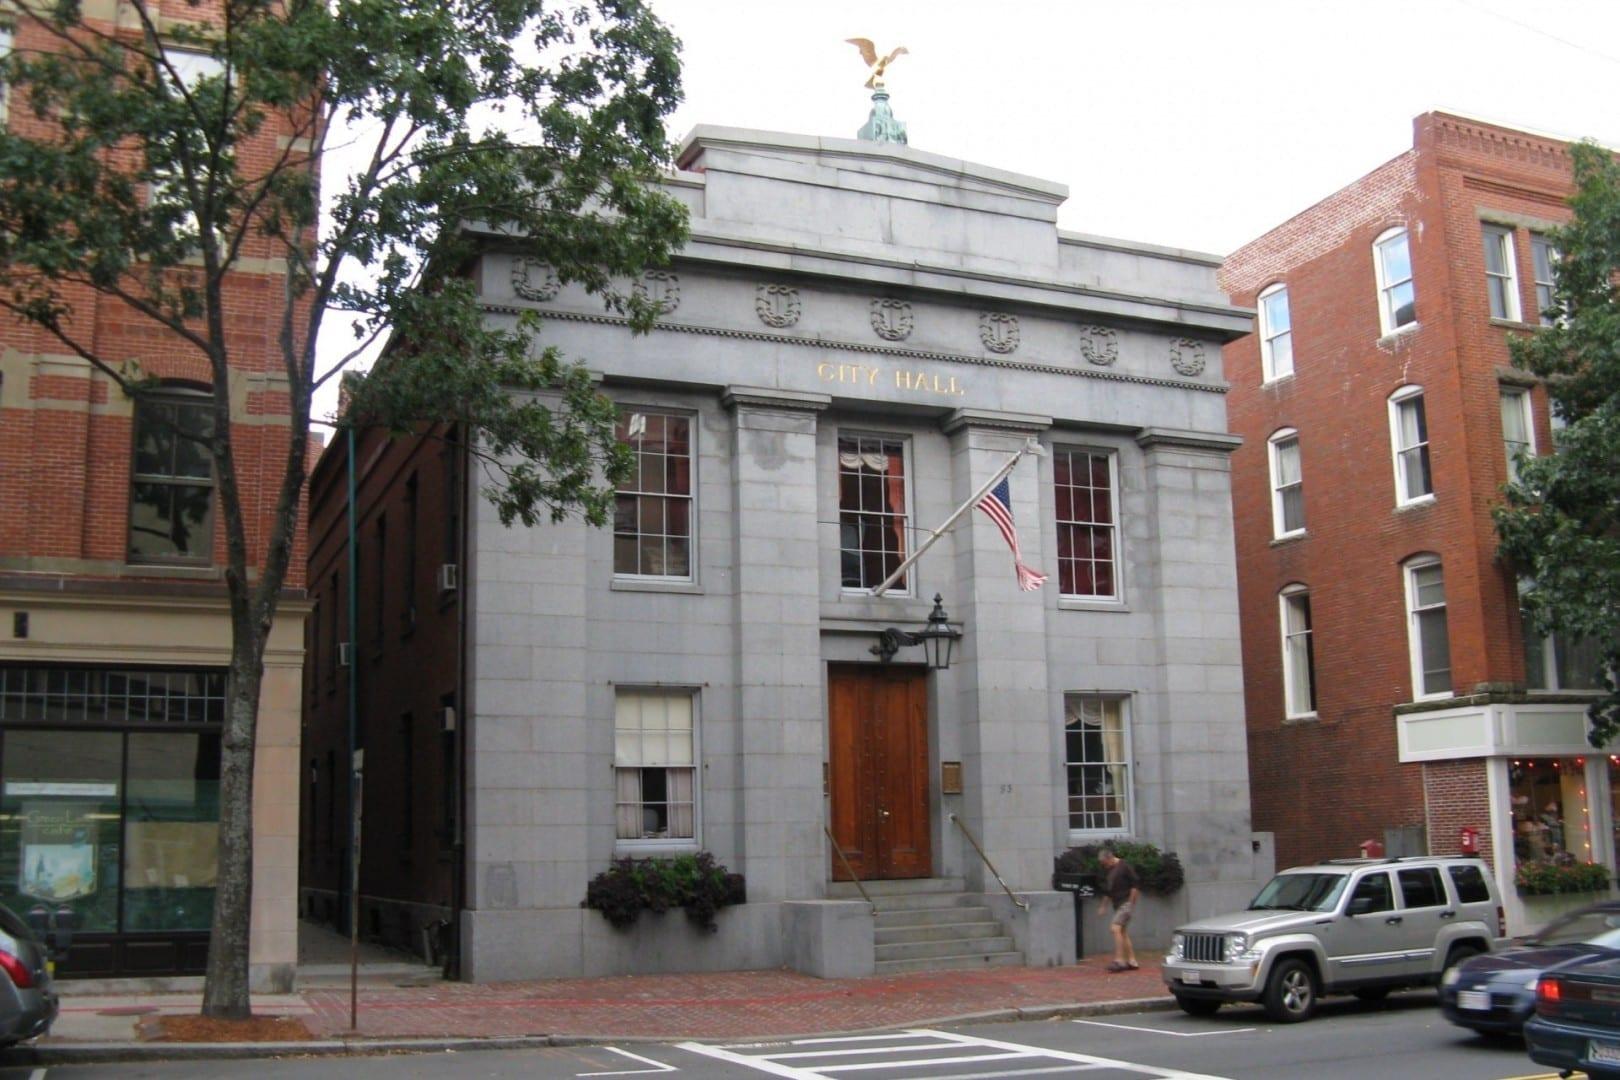 Ayuntamiento de Salem - Arquitectura del Renacimiento Griego, construido en 1838 por el arquitecto Richard Bond (1797-1861) y añadido al Registro Nacional de Salem MA Estados Unidos